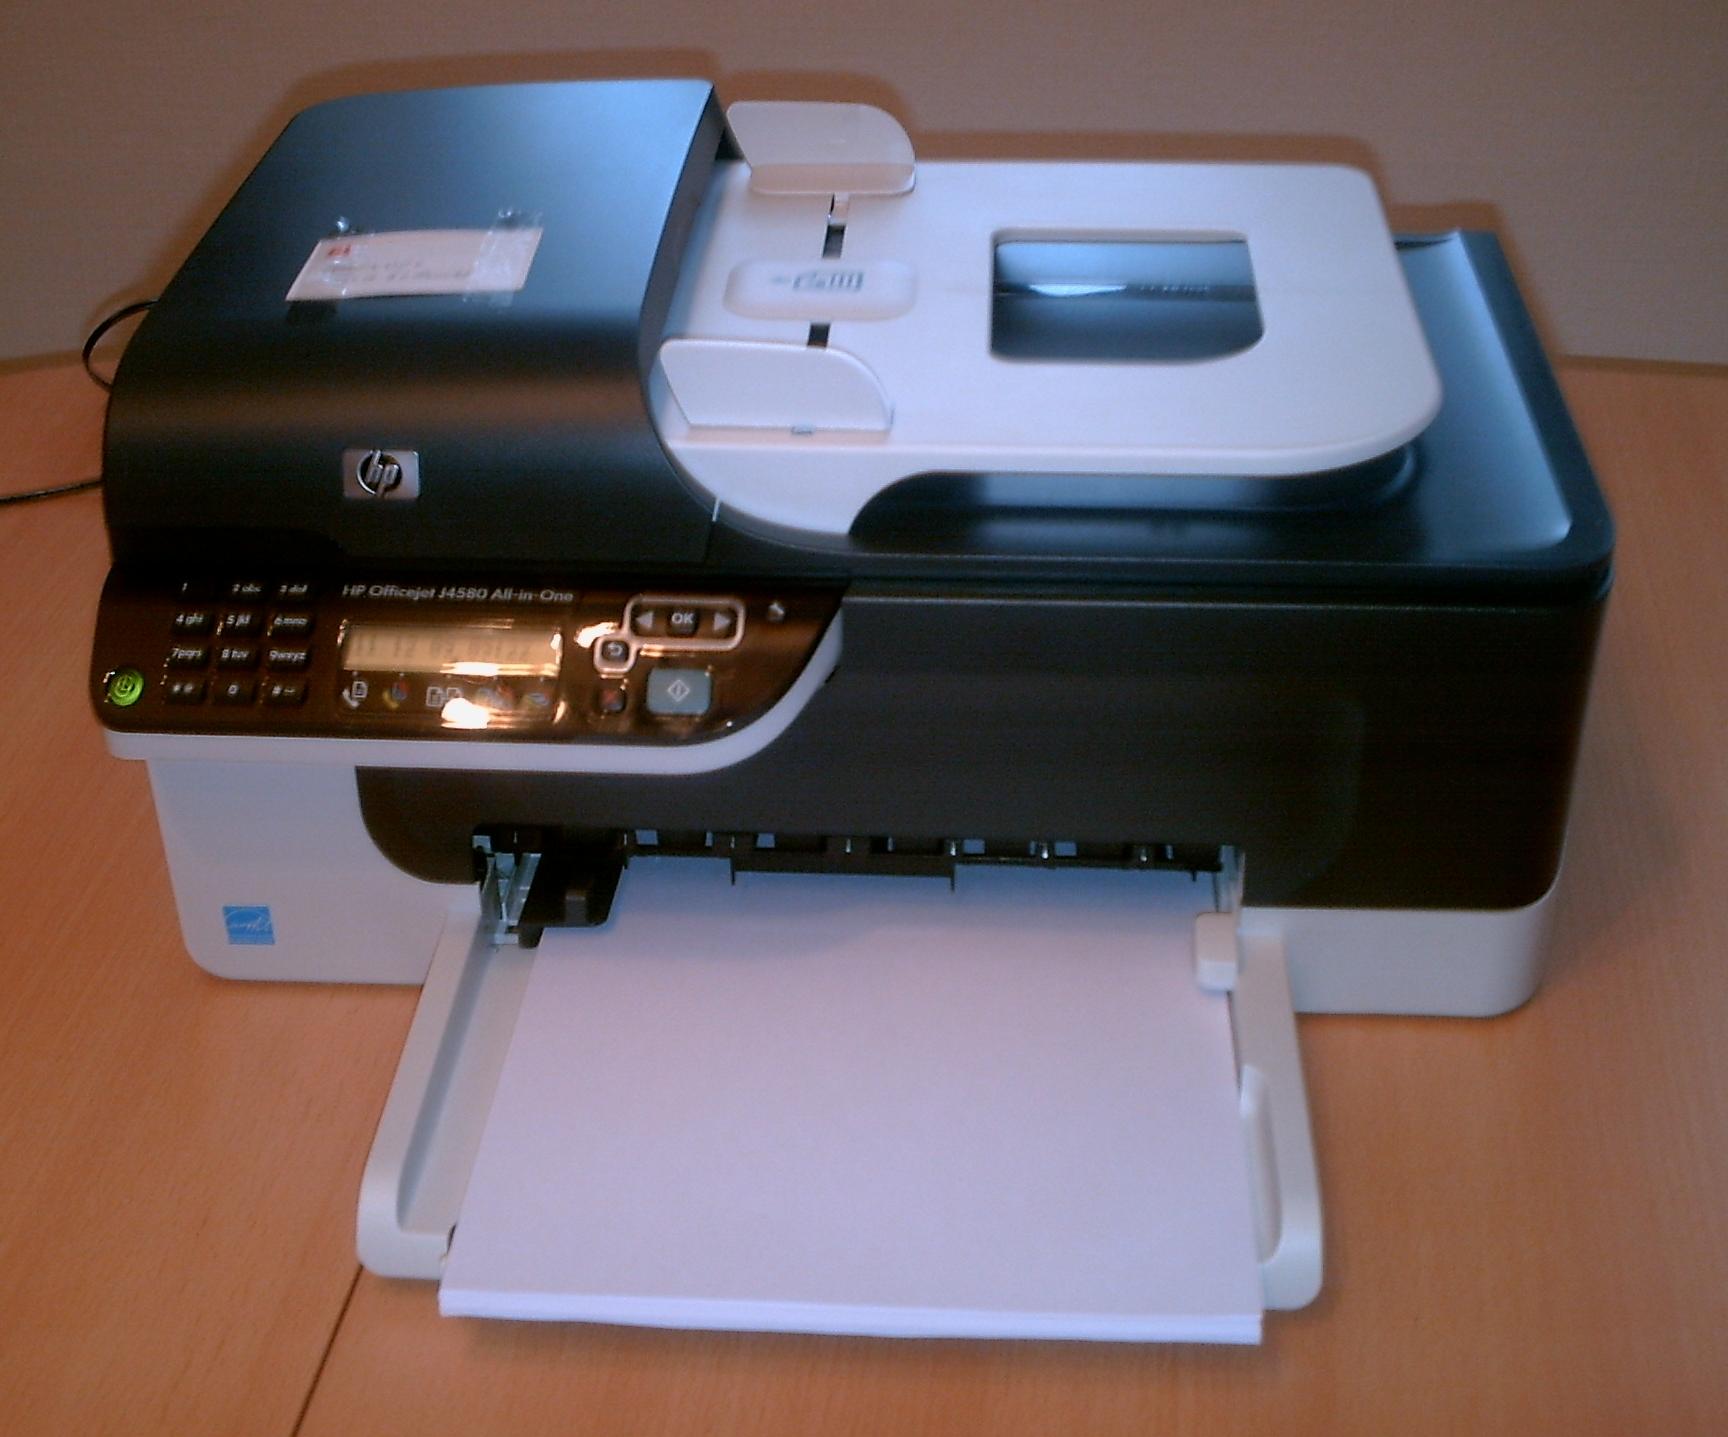 file 2009 12 11 hp j4580 1 jpg wikimedia commons rh commons wikimedia org hp officejet j4580 instruction manual HP J4580 Ink Cartridge